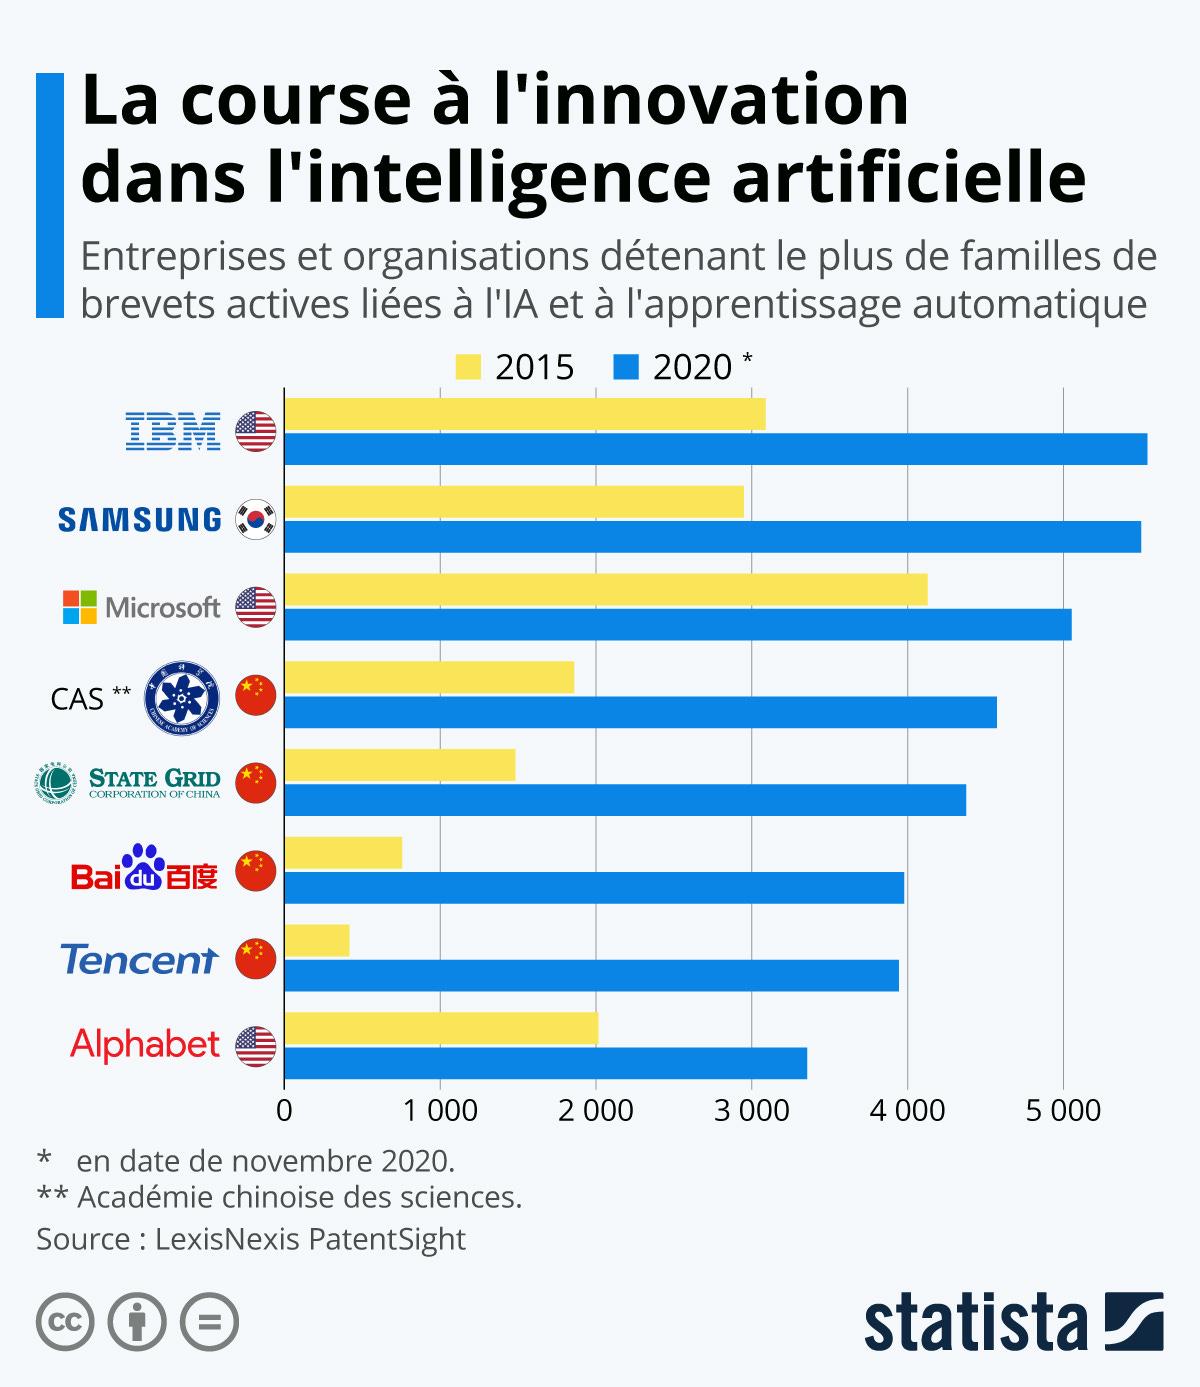 Infographie: Qui mène la course à l'innovation dans l'IA ? | Statista